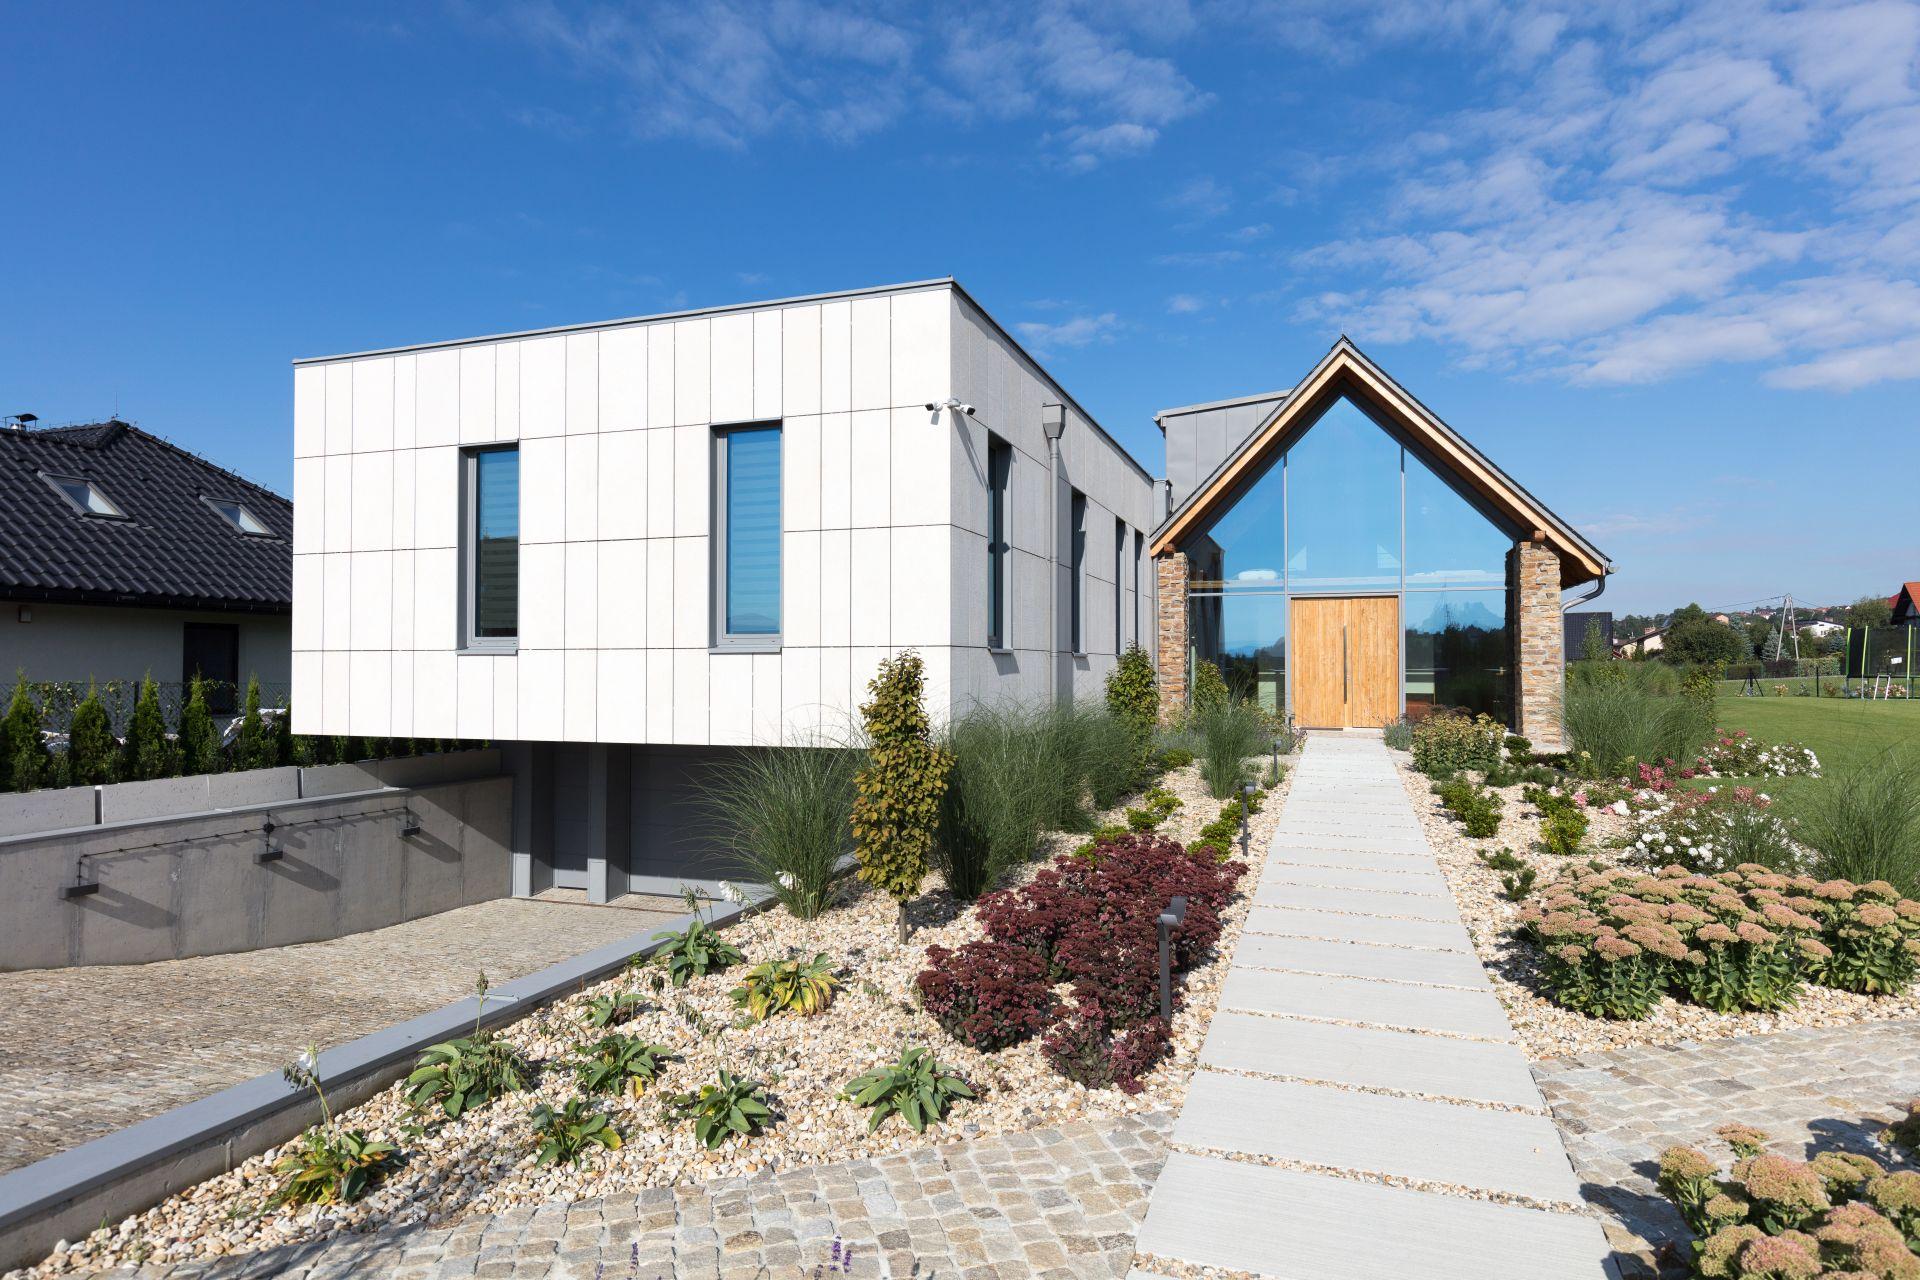 Dom od architekta Bielsko-Biała projektowanie domów architekci Genius Loci